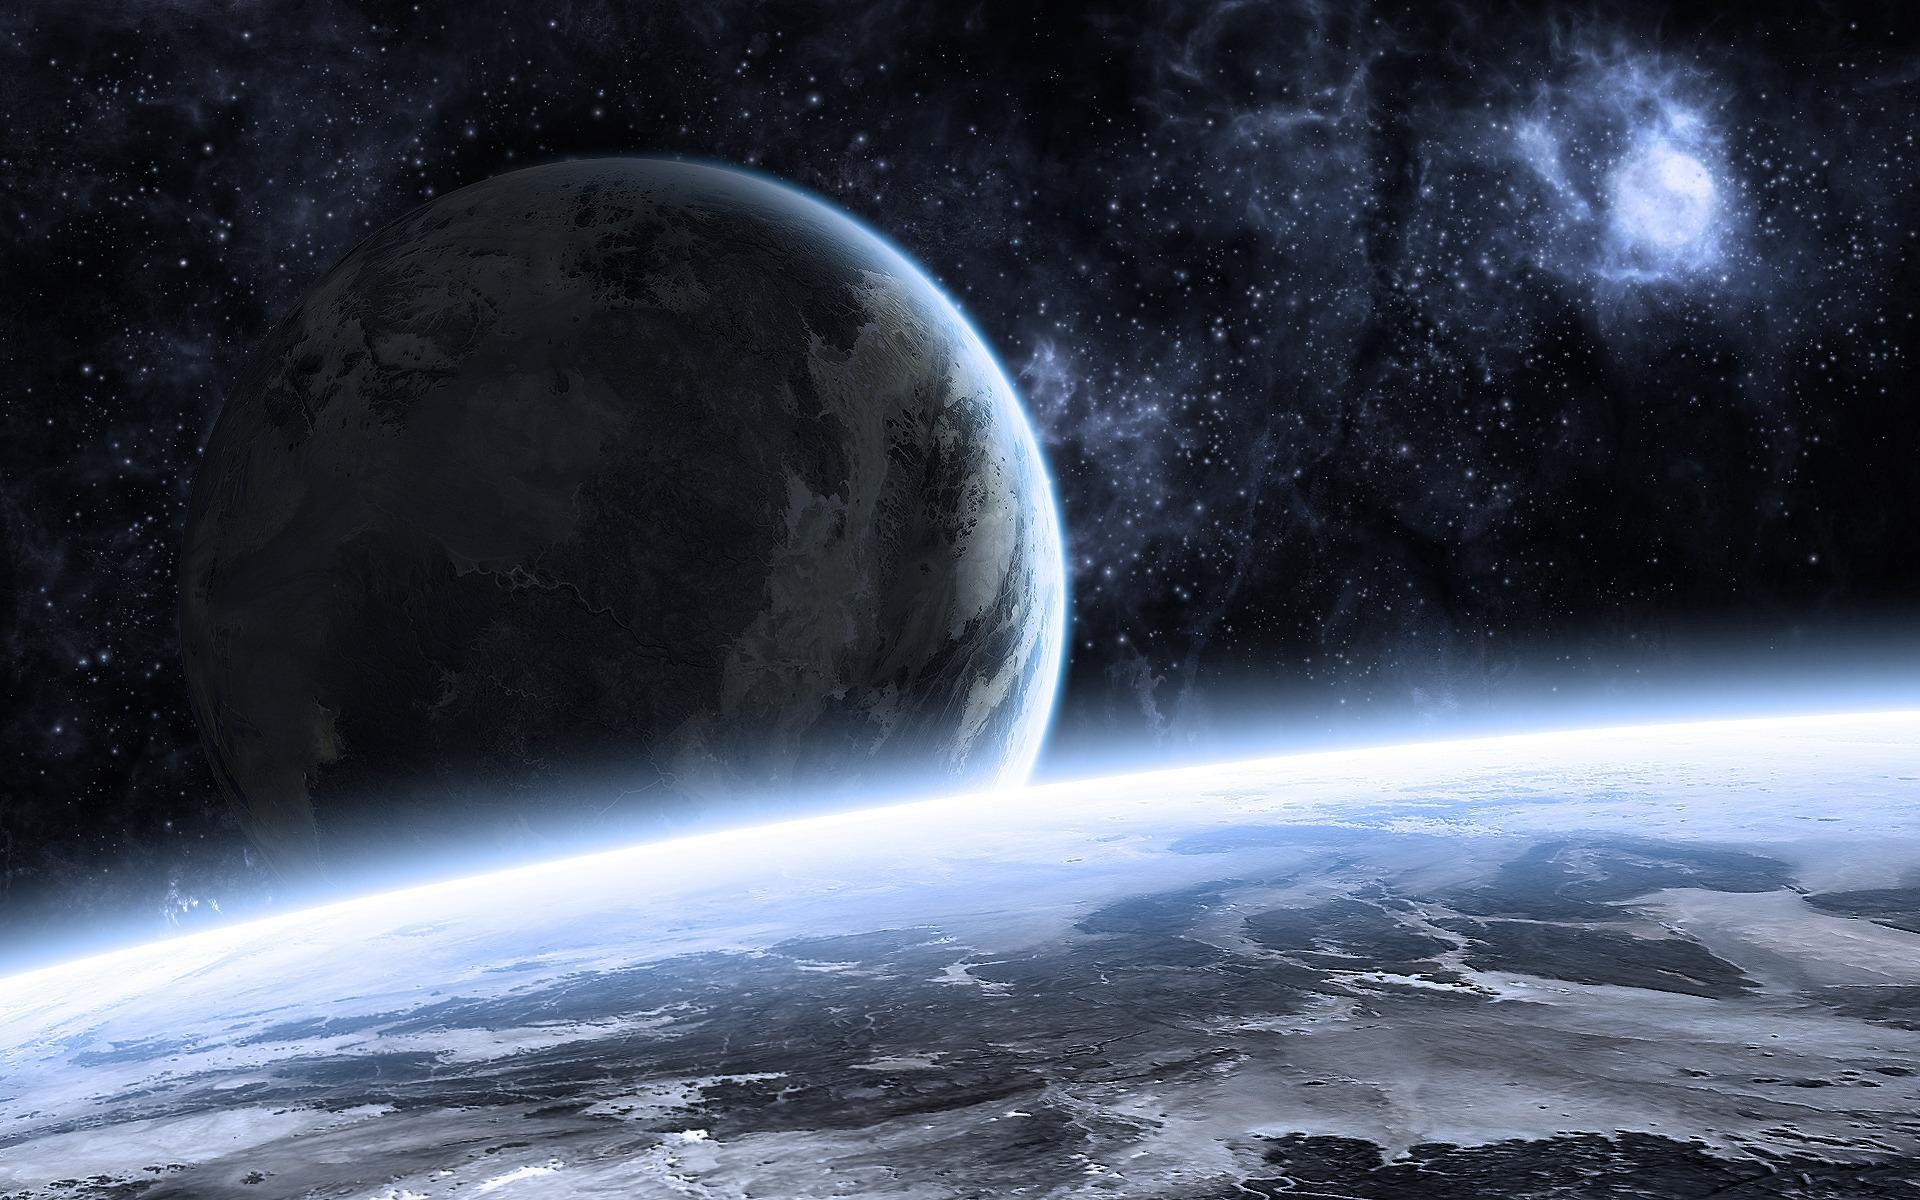 Planetscape Backgrounds, Compatible - PC, Mobile, Gadgets| 1920x1200 px